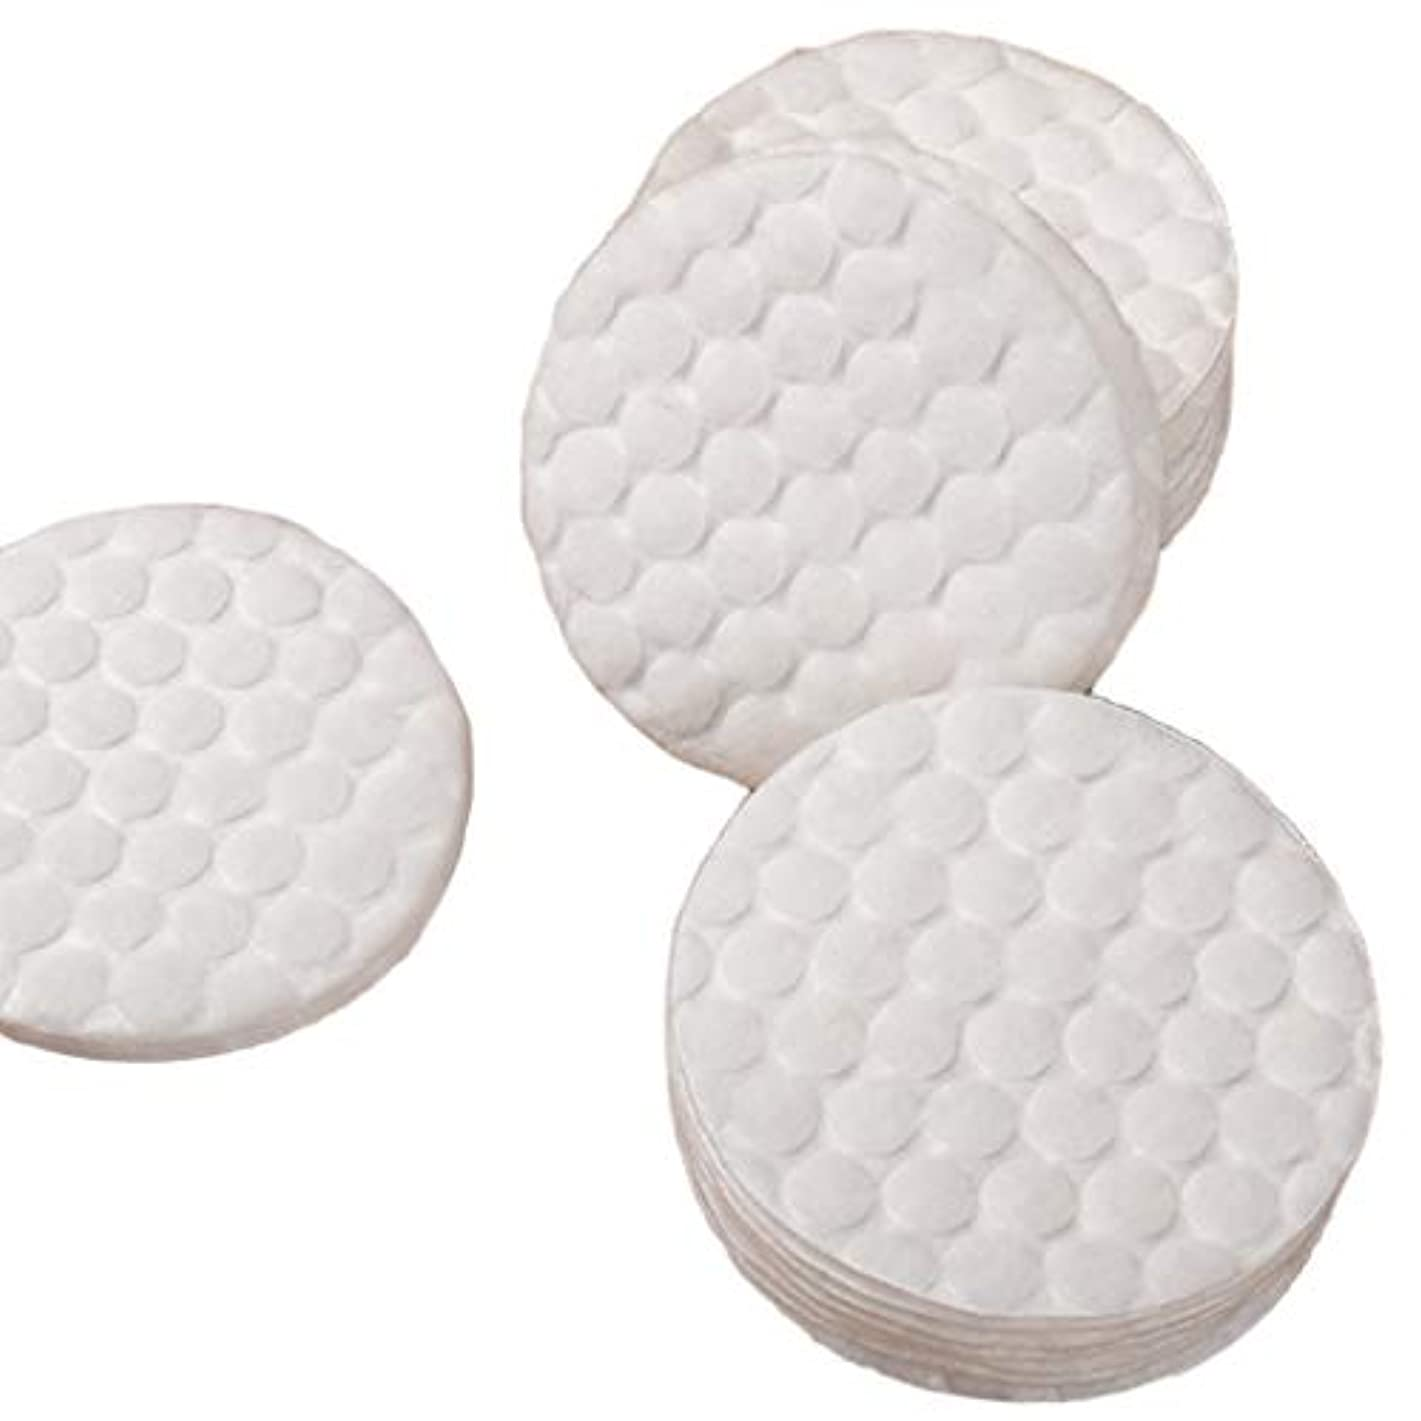 古くなったイベント令状クレンジングシート 60個/バッグメイク落としコットンパッド洗えるワイプクレンジングオイルスキンケアフェイシャルケアメイクアップ化粧品ワイプ (Color : White)